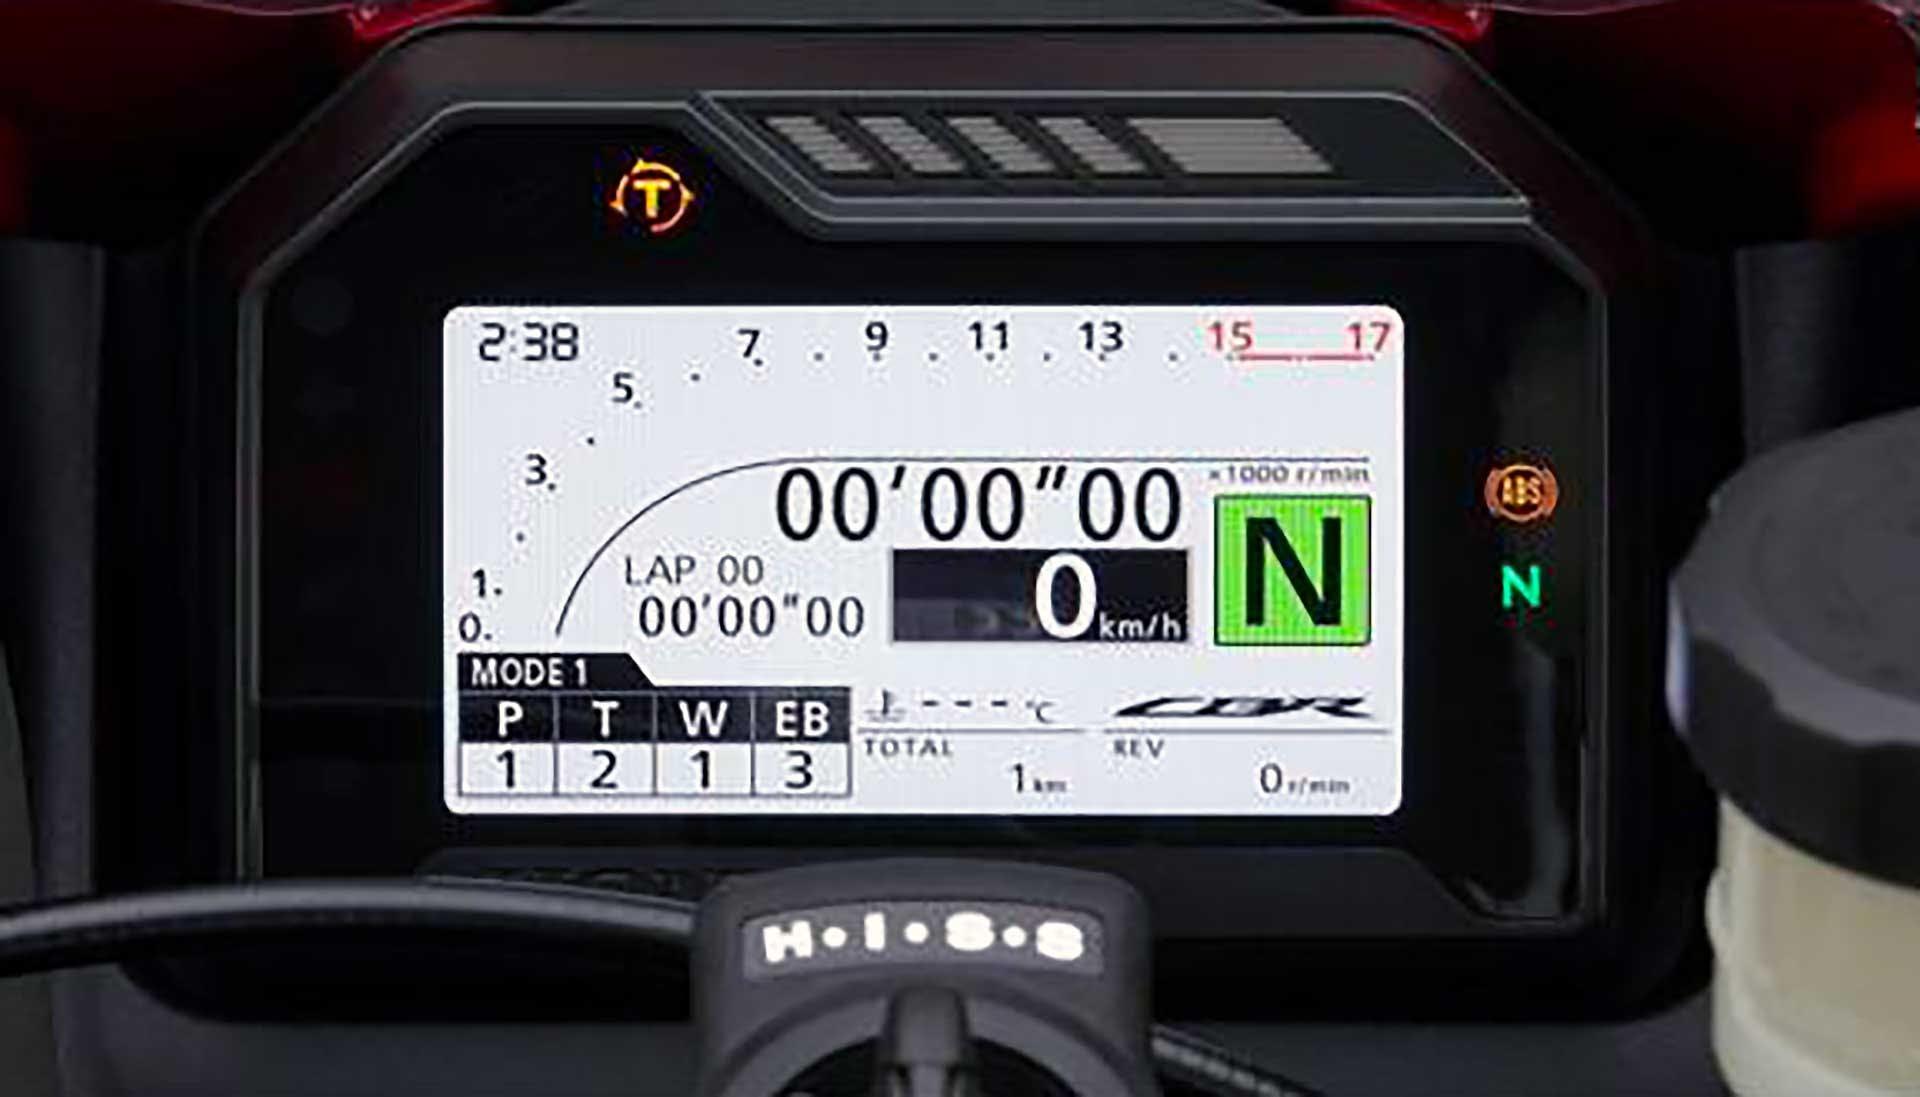 Honda CBR600 2021 Cruscotto Cockpit